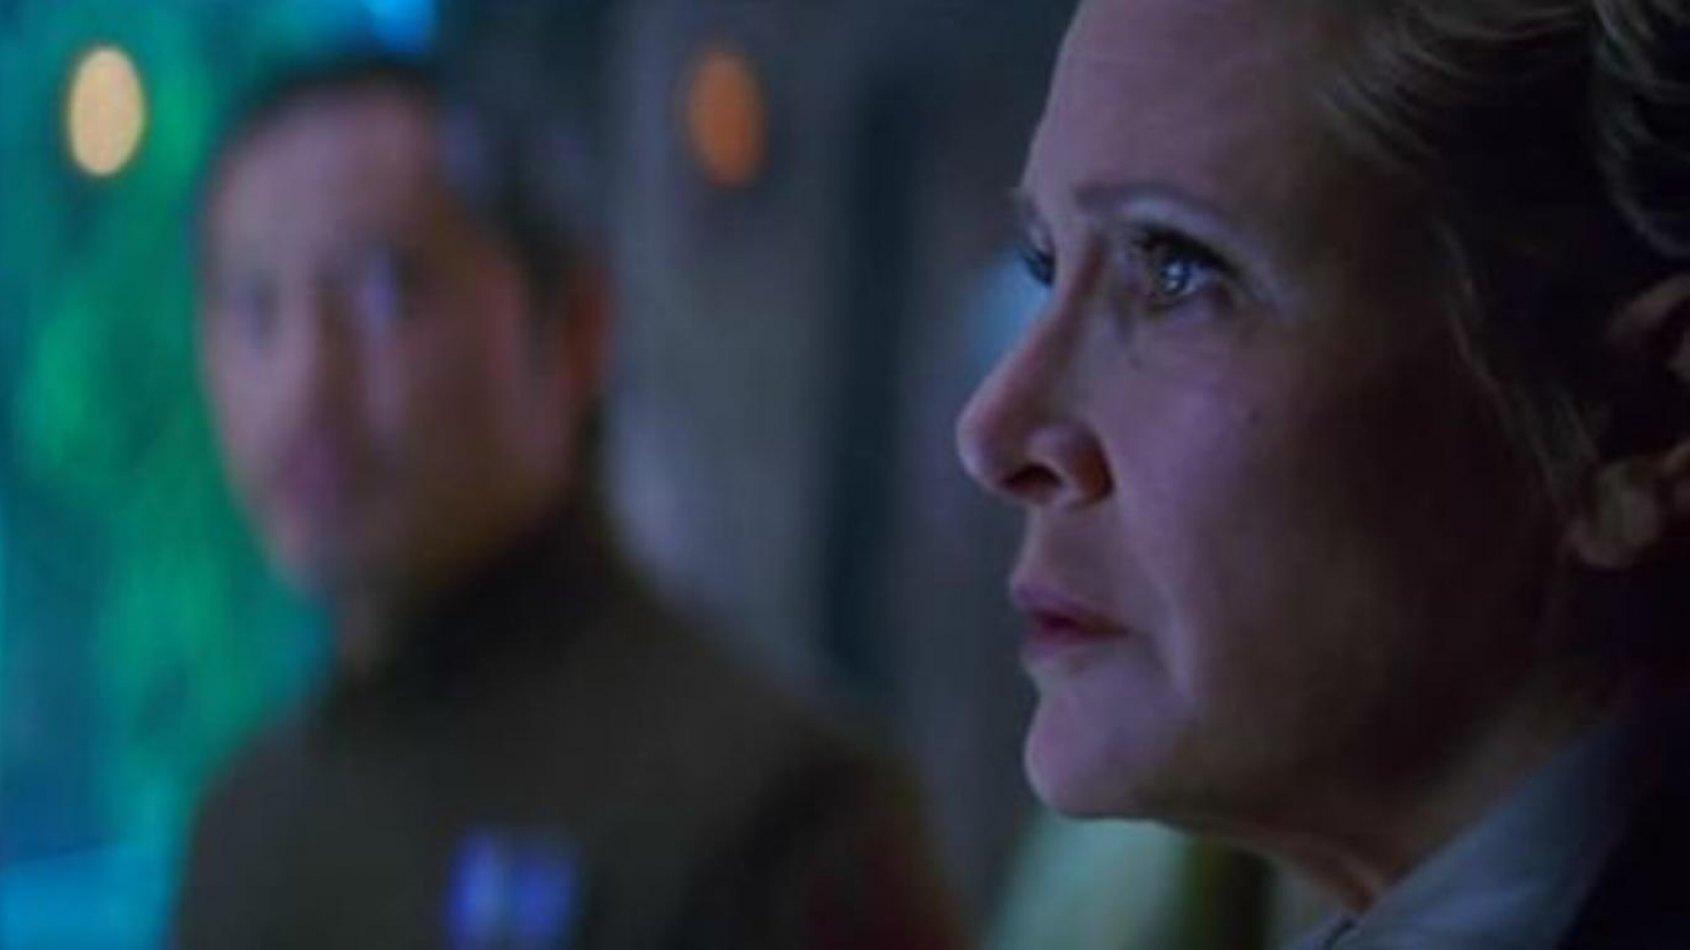 LucasFilm ne prévoit pas de recréer Leia en CGI pour l'épisode IX